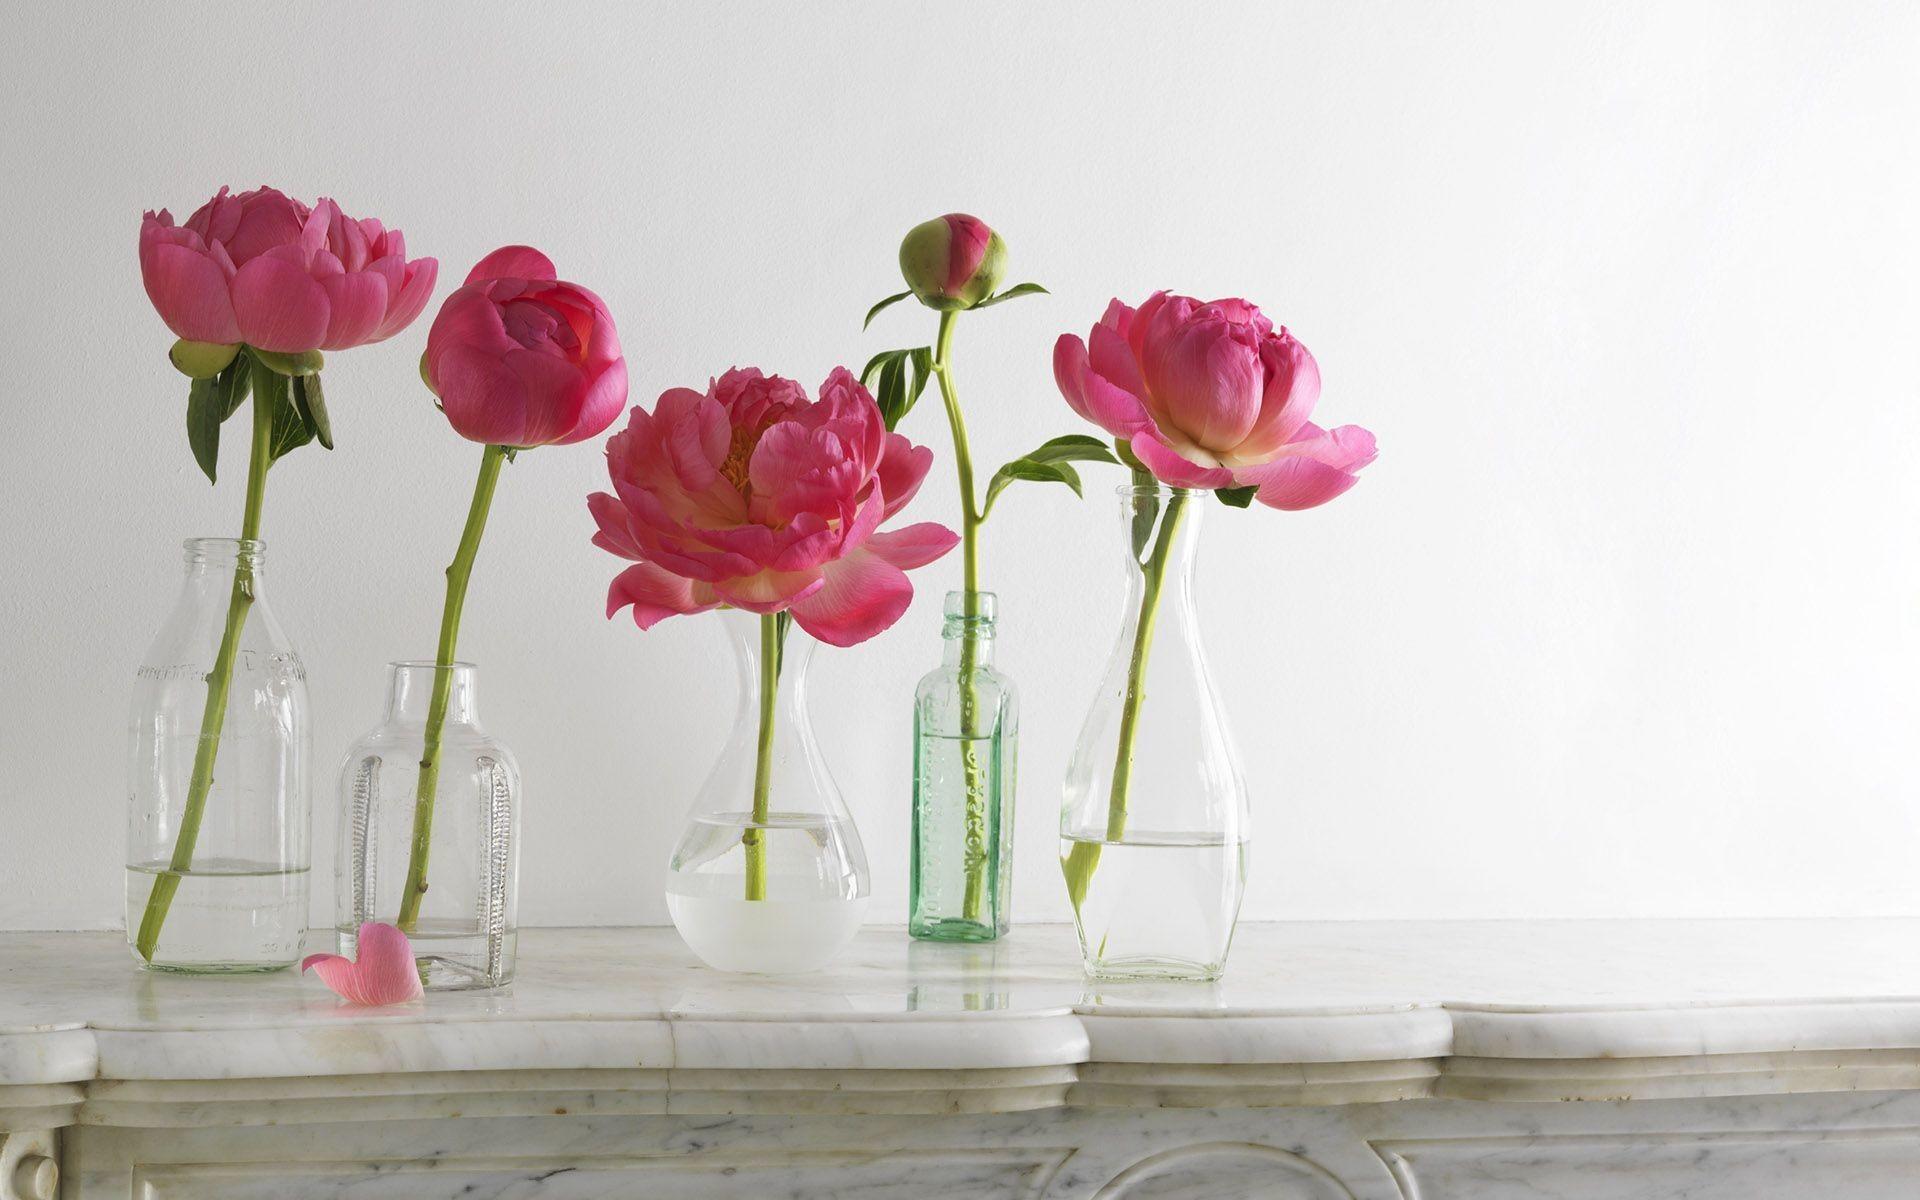 … Peonies in the vase